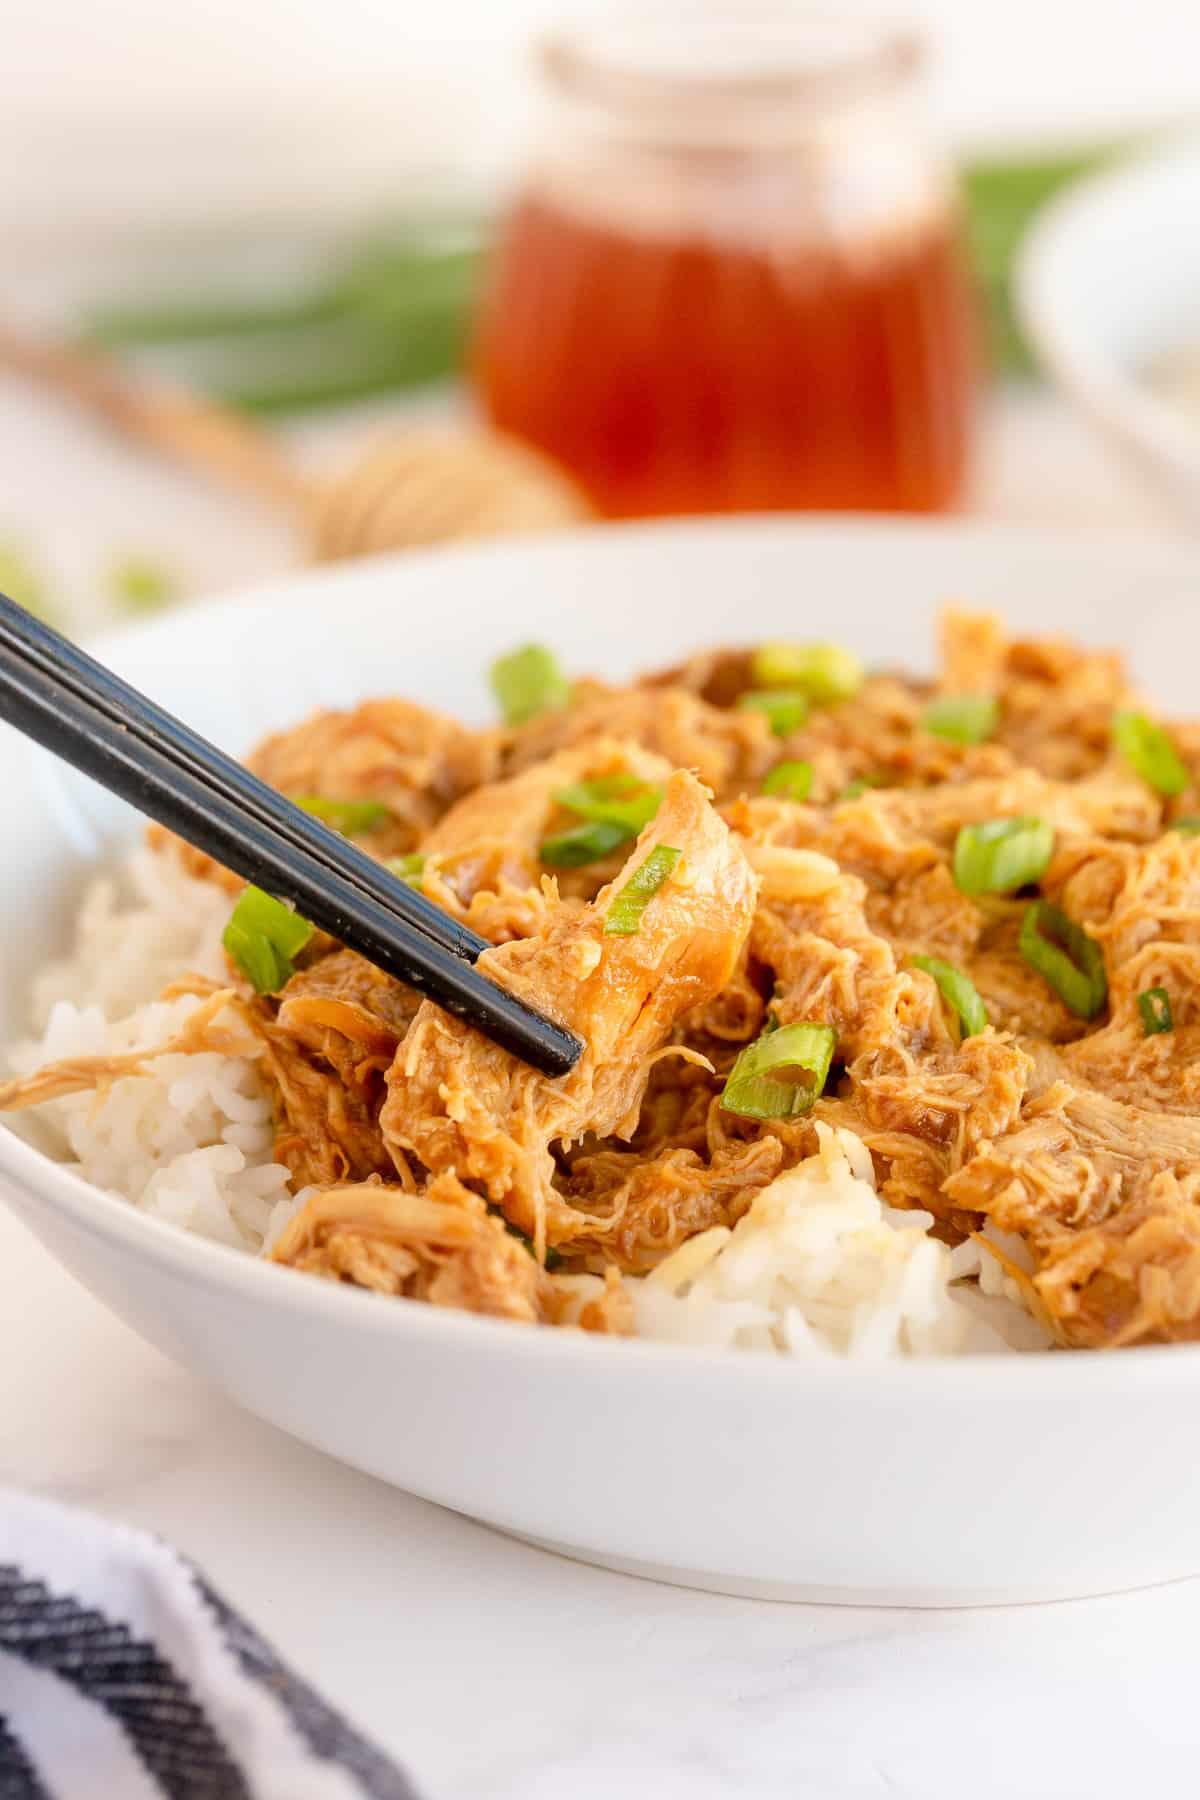 Chopsticks lift a piece of chicken from a bowl.